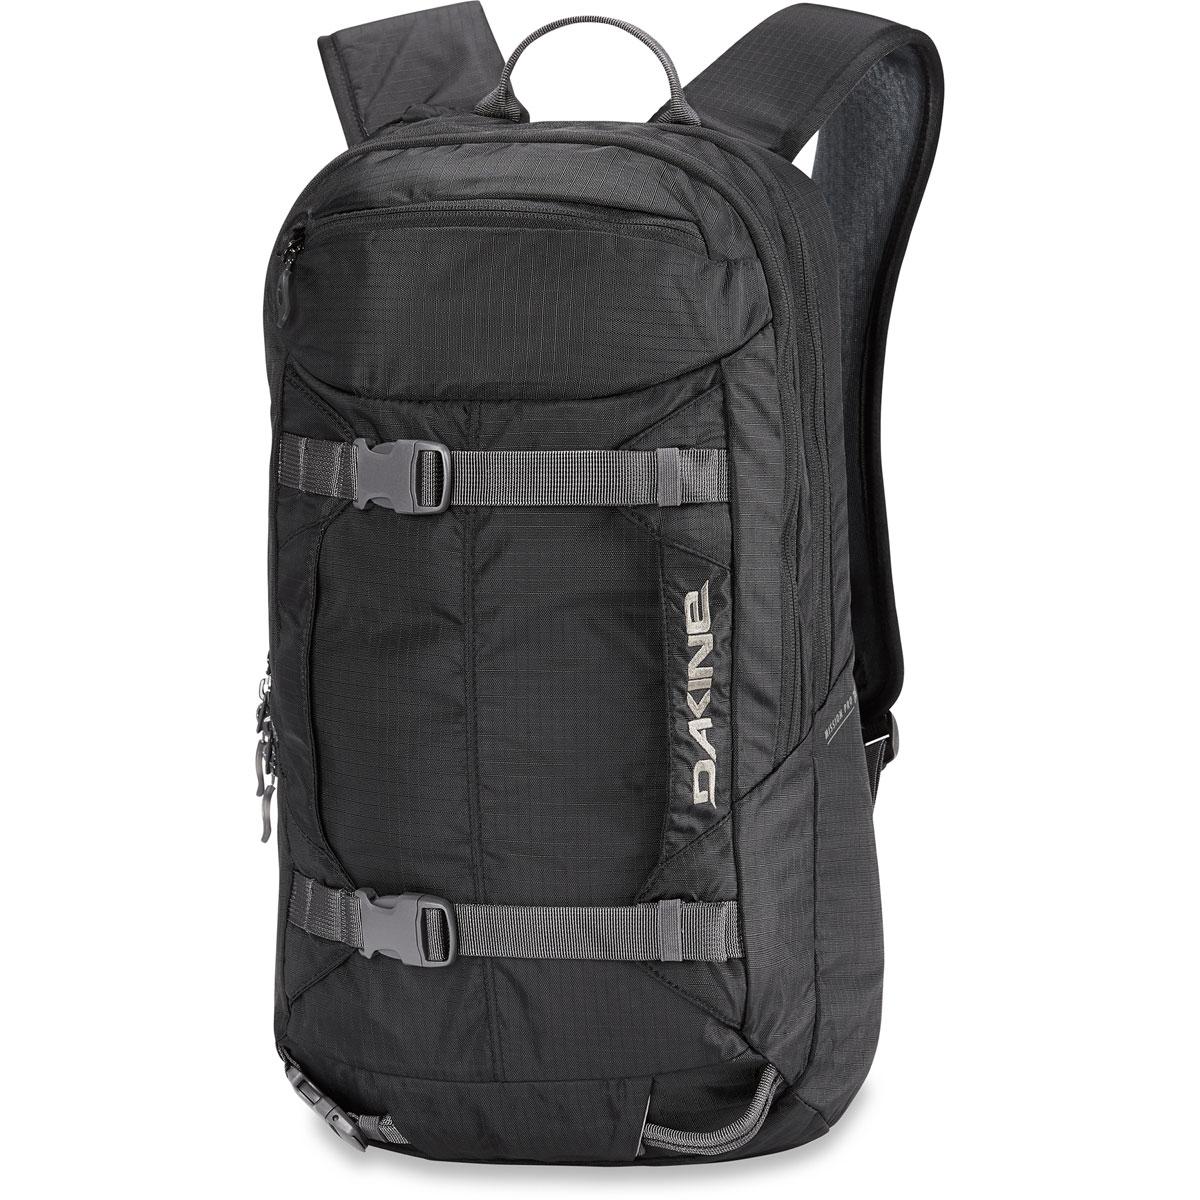 Dakine Mission Pro 18L Backpack - Black